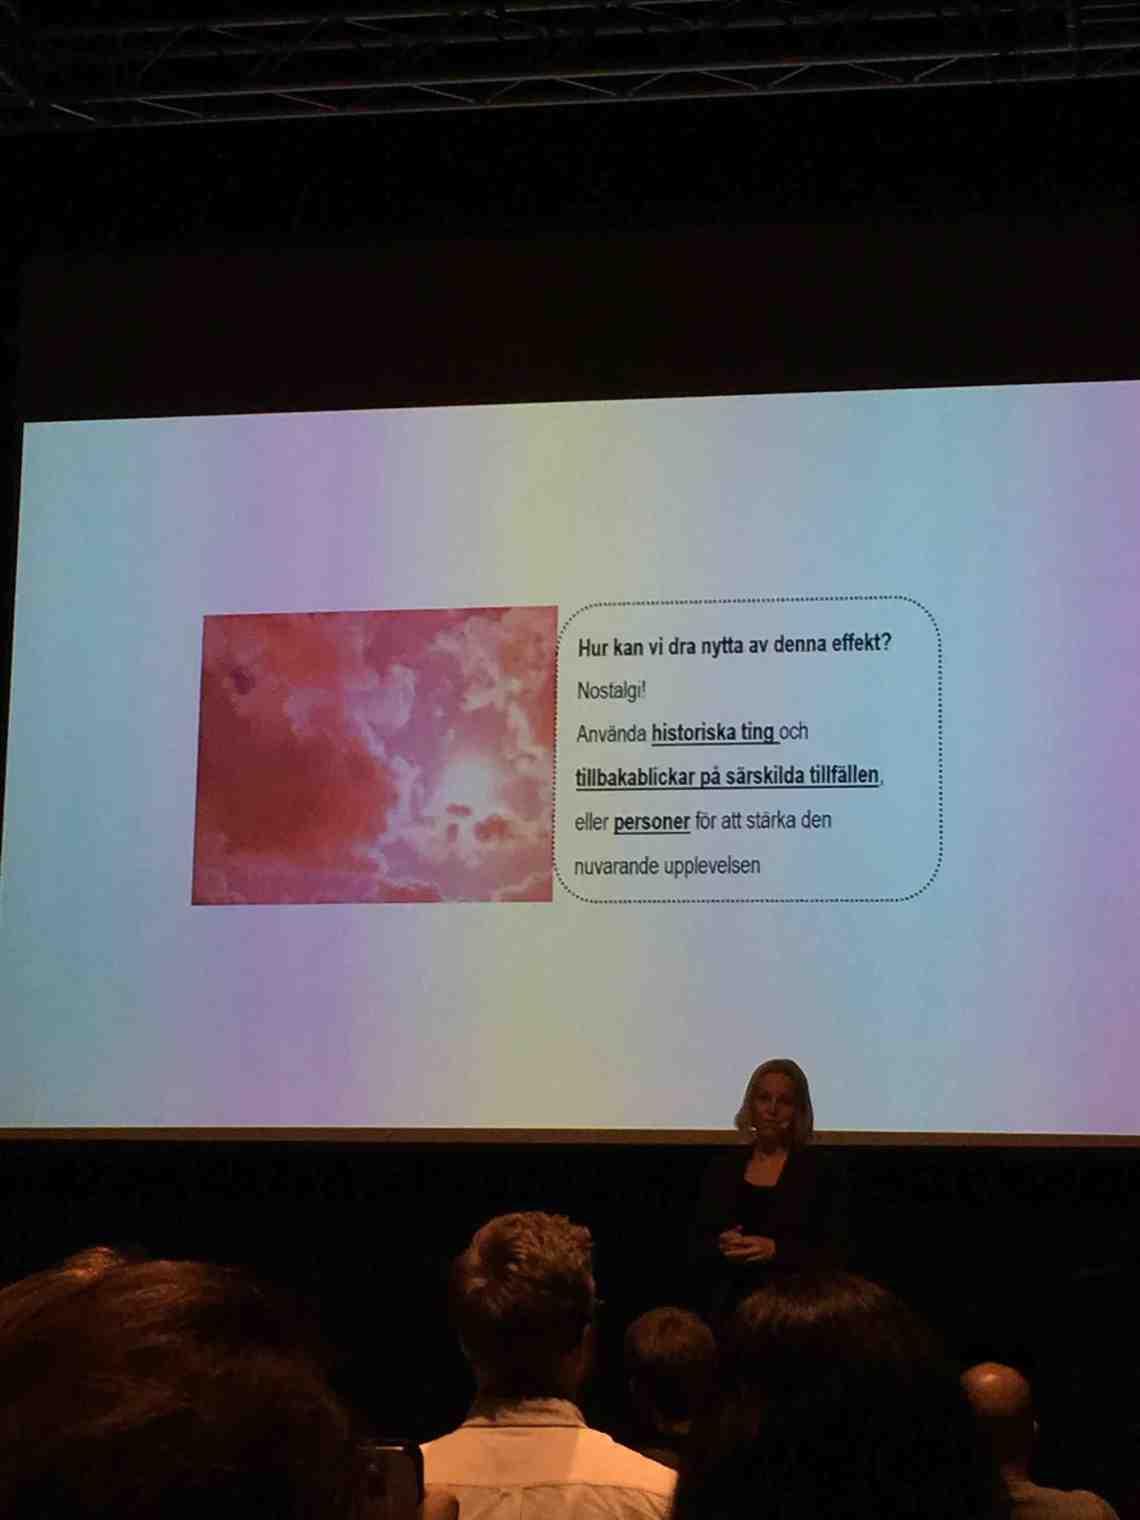 Pink cloud positiva minnen förstärks upplevelser